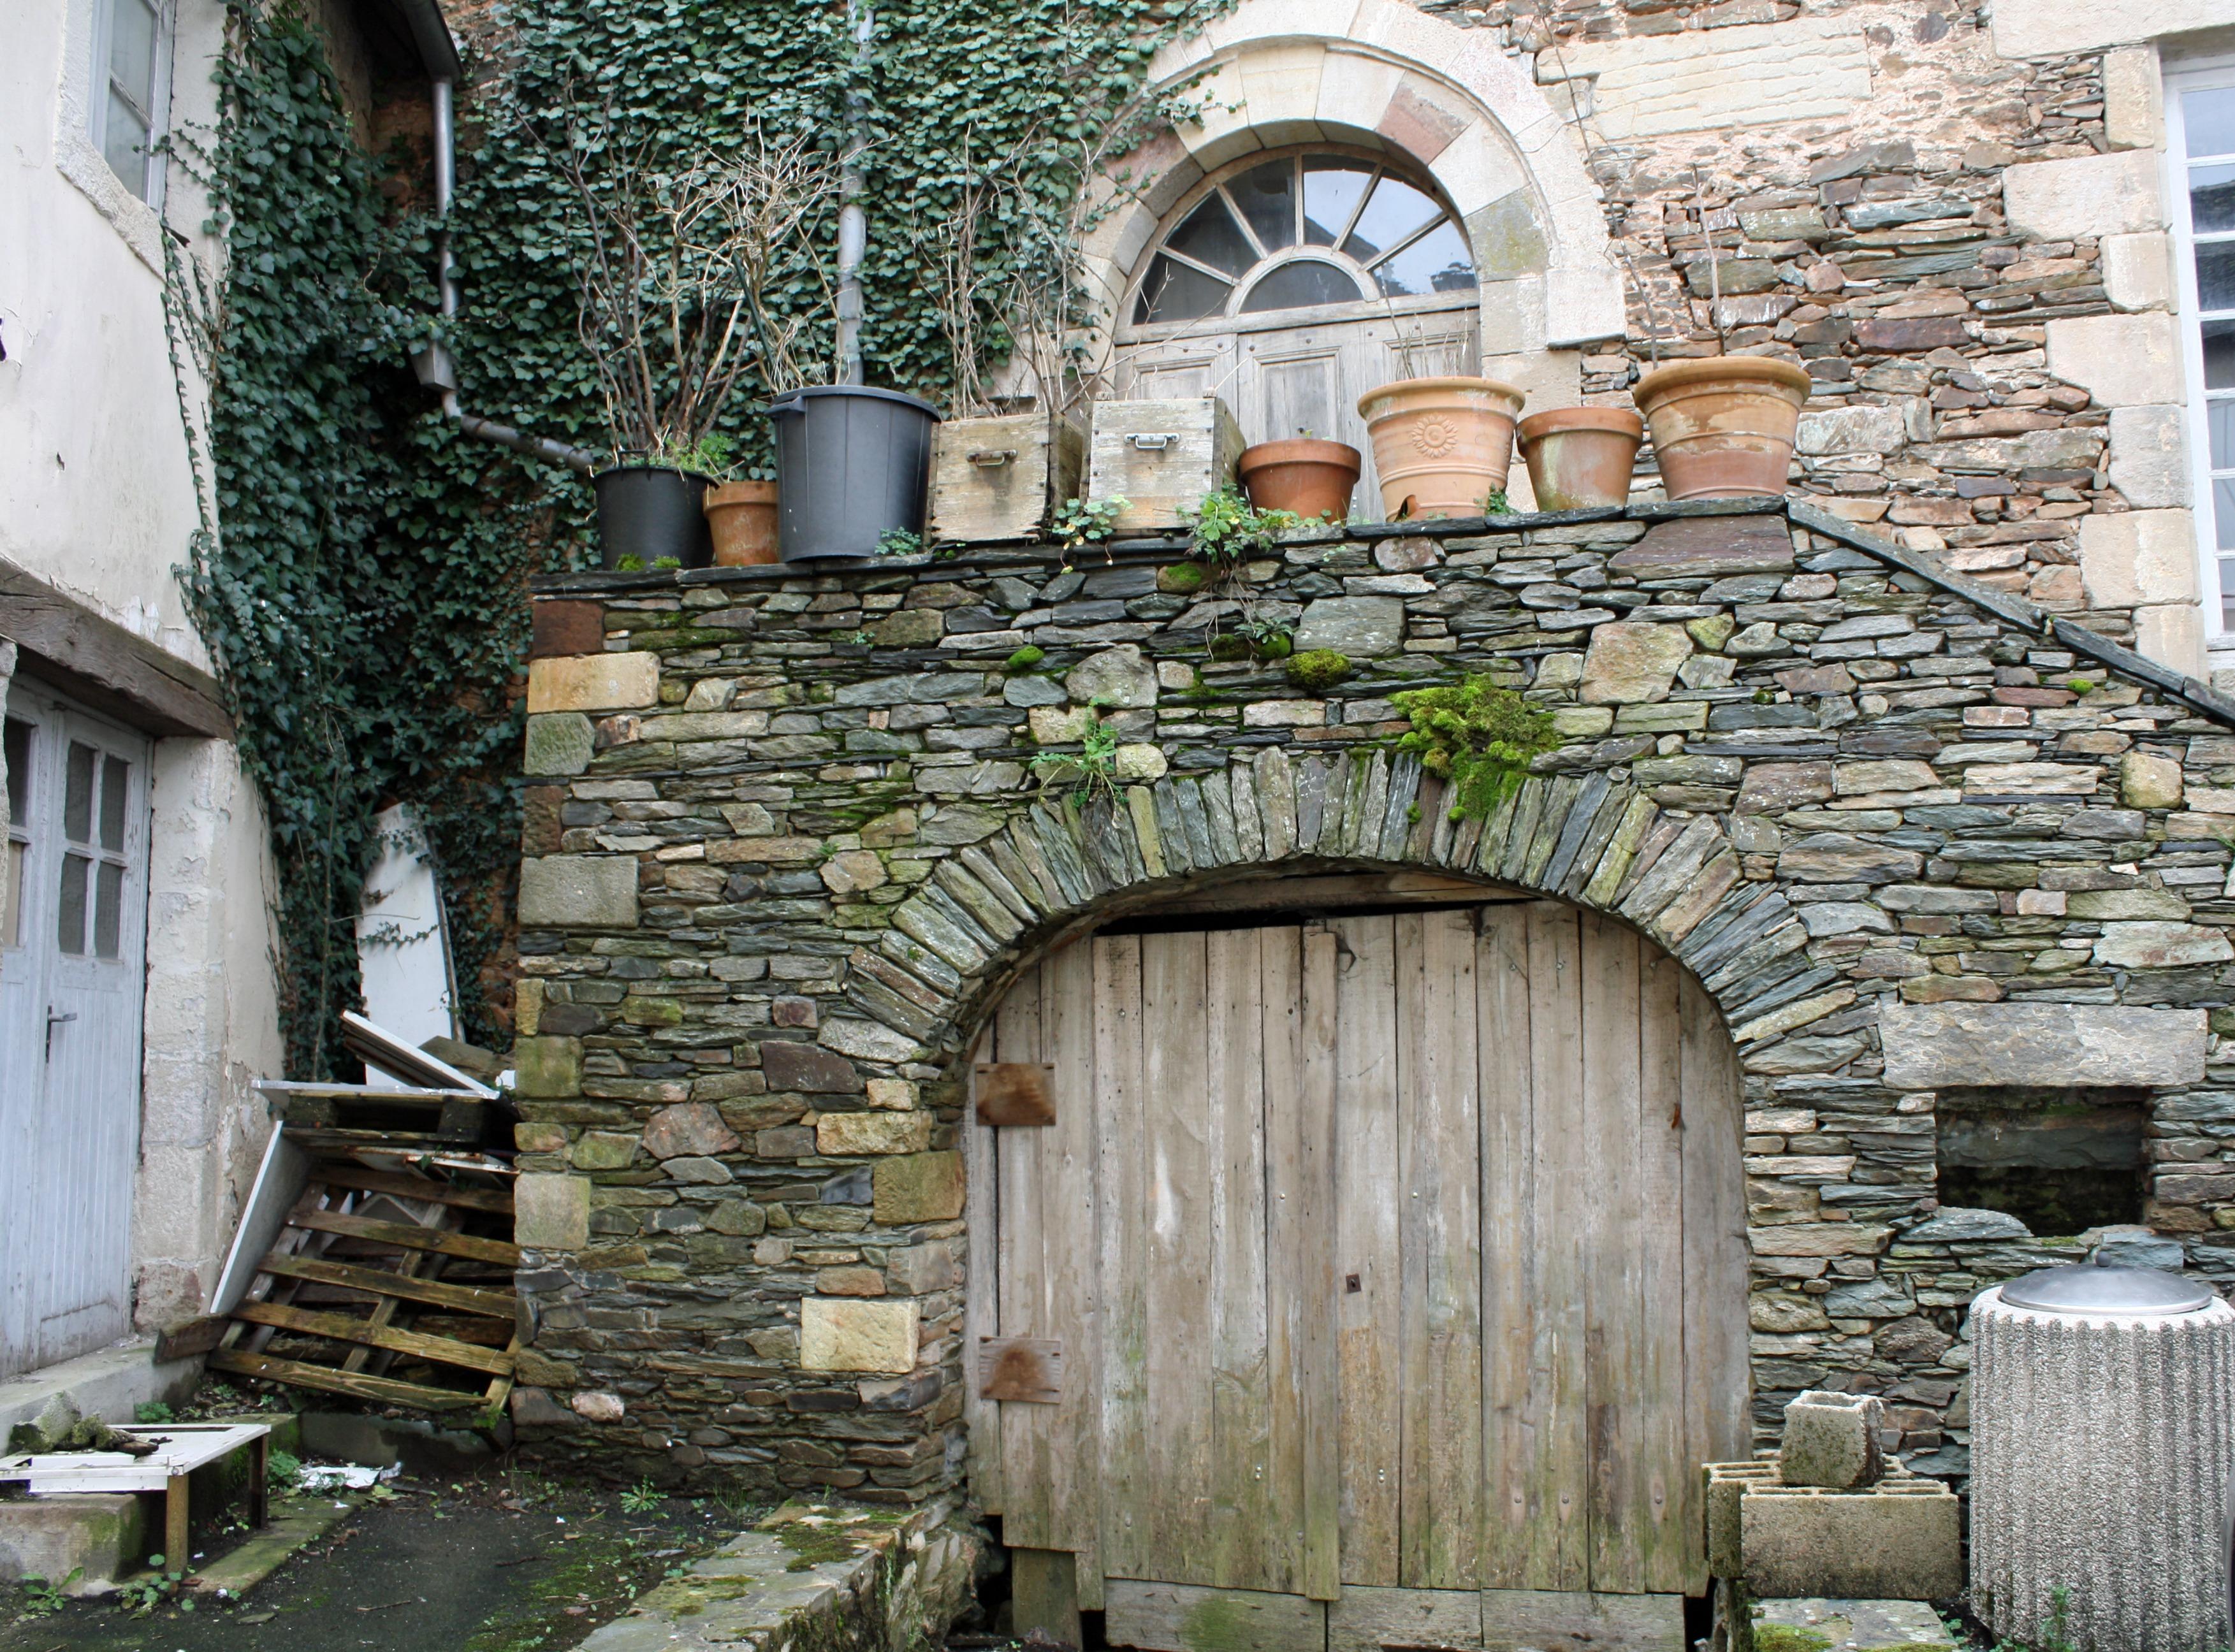 Fotos Gratis Antiguo Pared Piedra Arco Cabaña Fachada